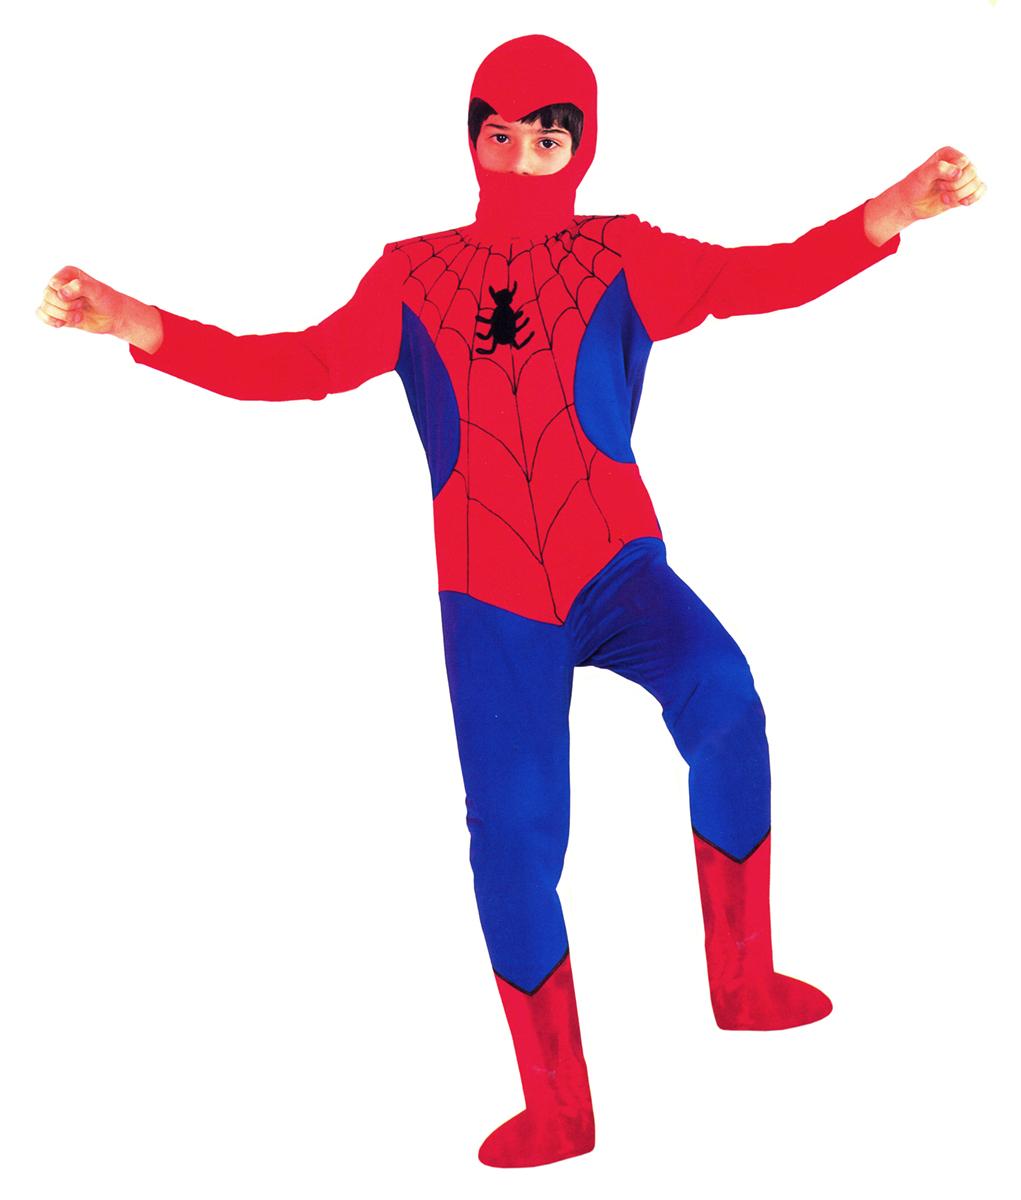 Rio Карнавальный костюм для мальчика Человек-Паук цвет красный синий размер 32 (6-7 лет)107037Карнавальный костюм для праздничных и театрализованных мероприятий Ручная или деликатная стирка